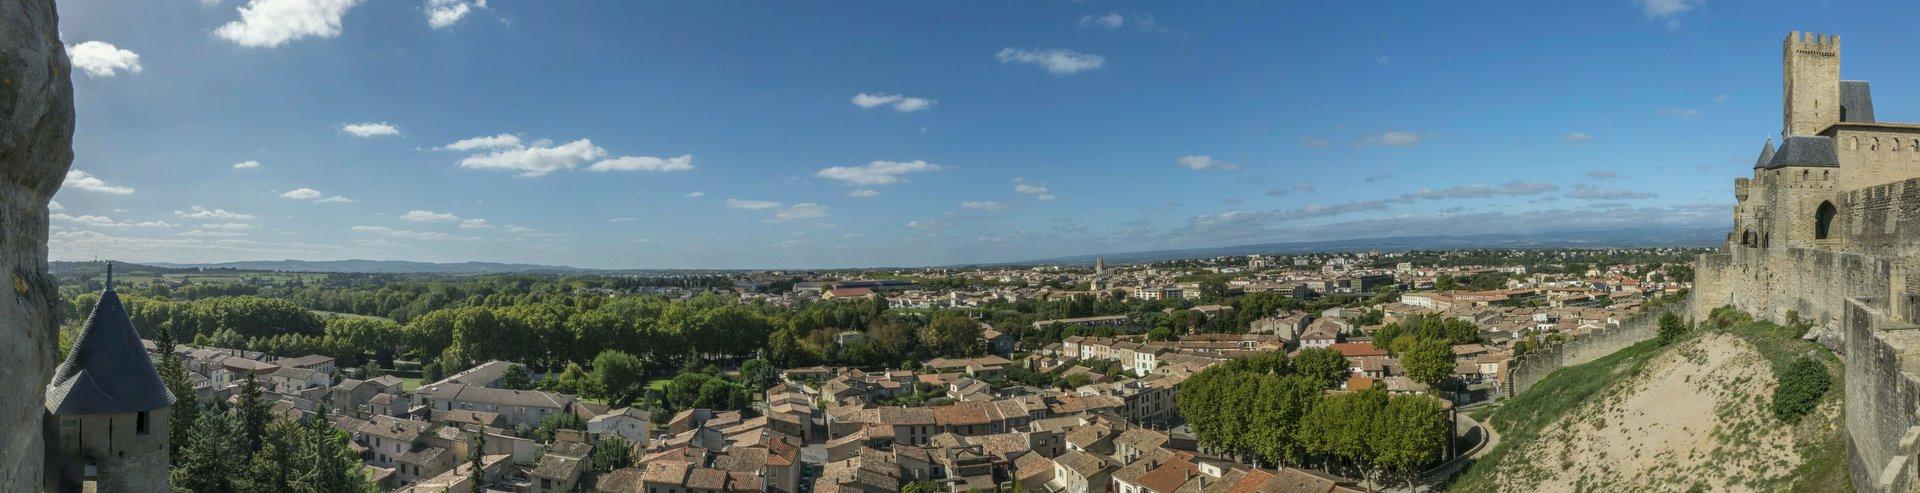 Westliches Panorama von der westlichen inneren Stadtmauer der Cité Carcassonne